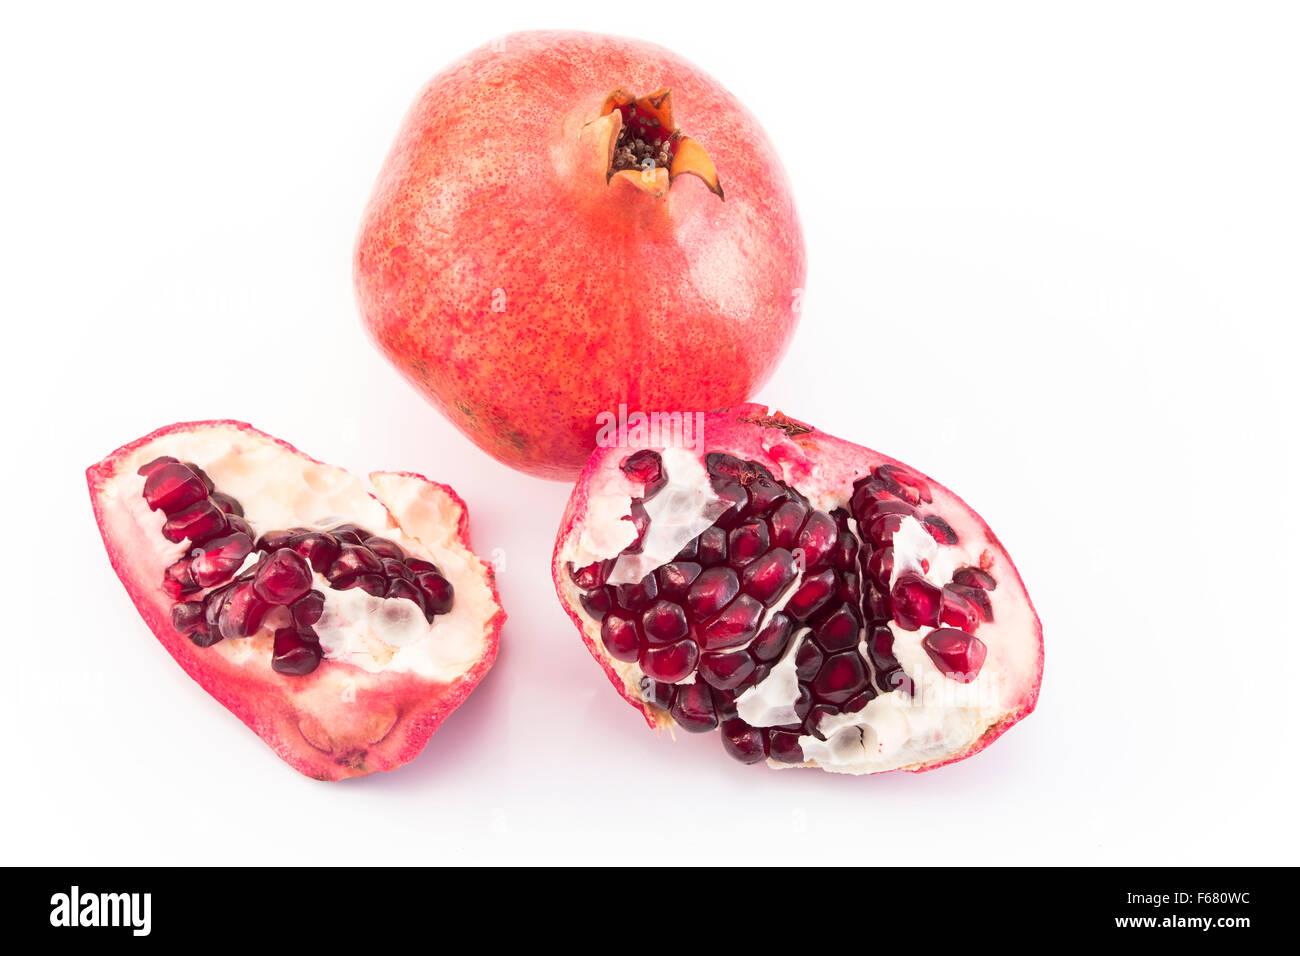 Ripe pomegranate isolated on white. - Stock Image